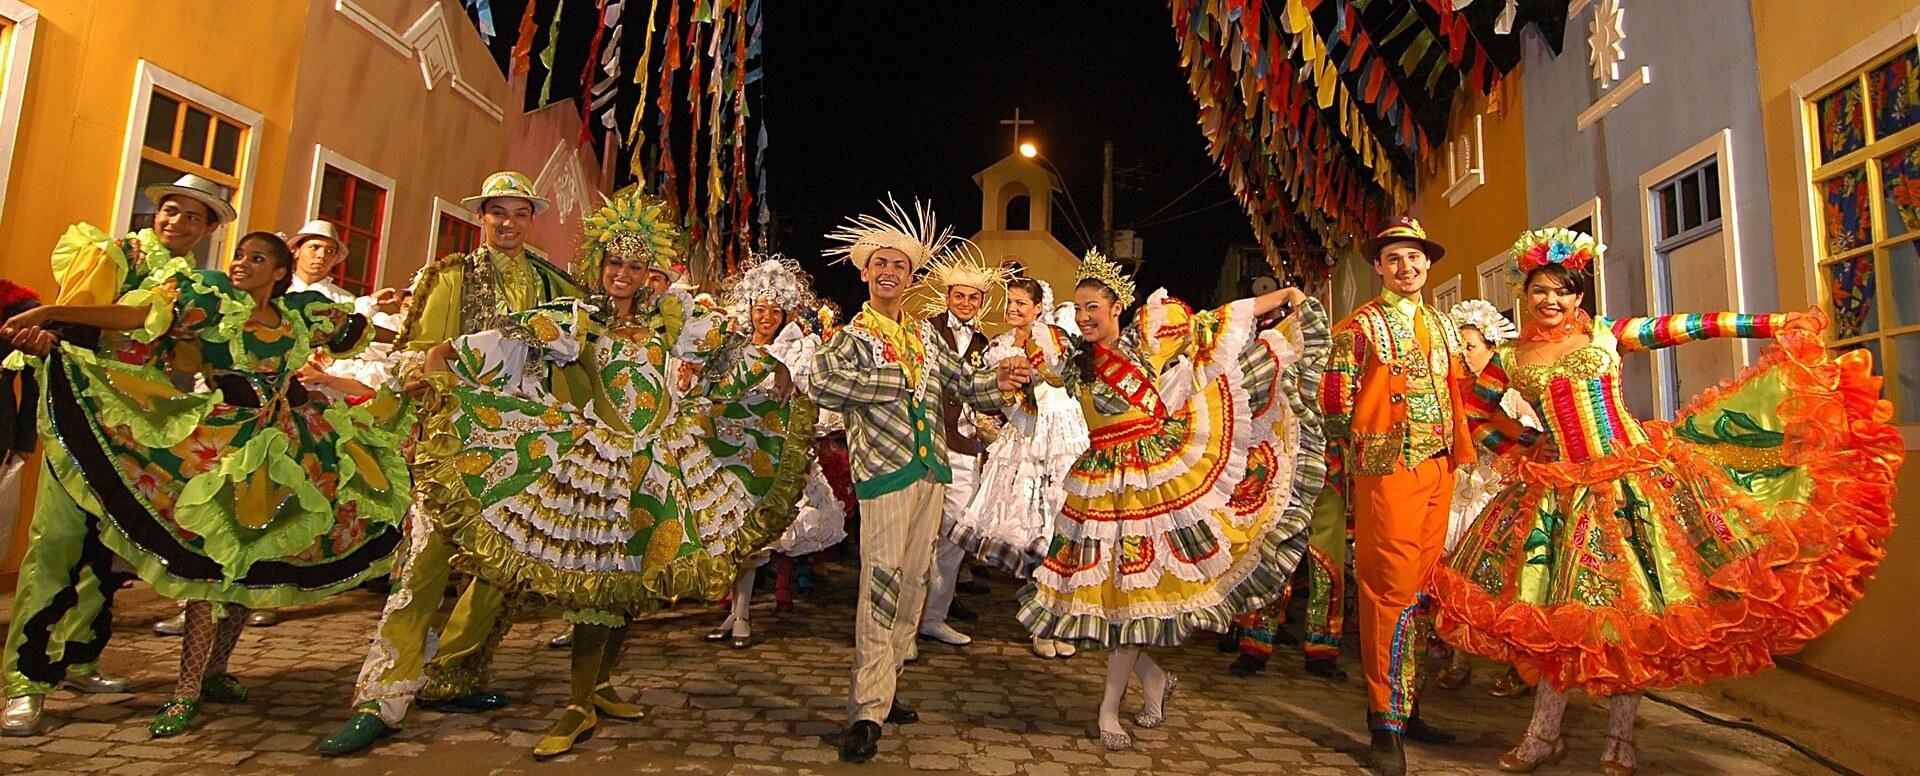 La fête d'Iemanjá - Brésil